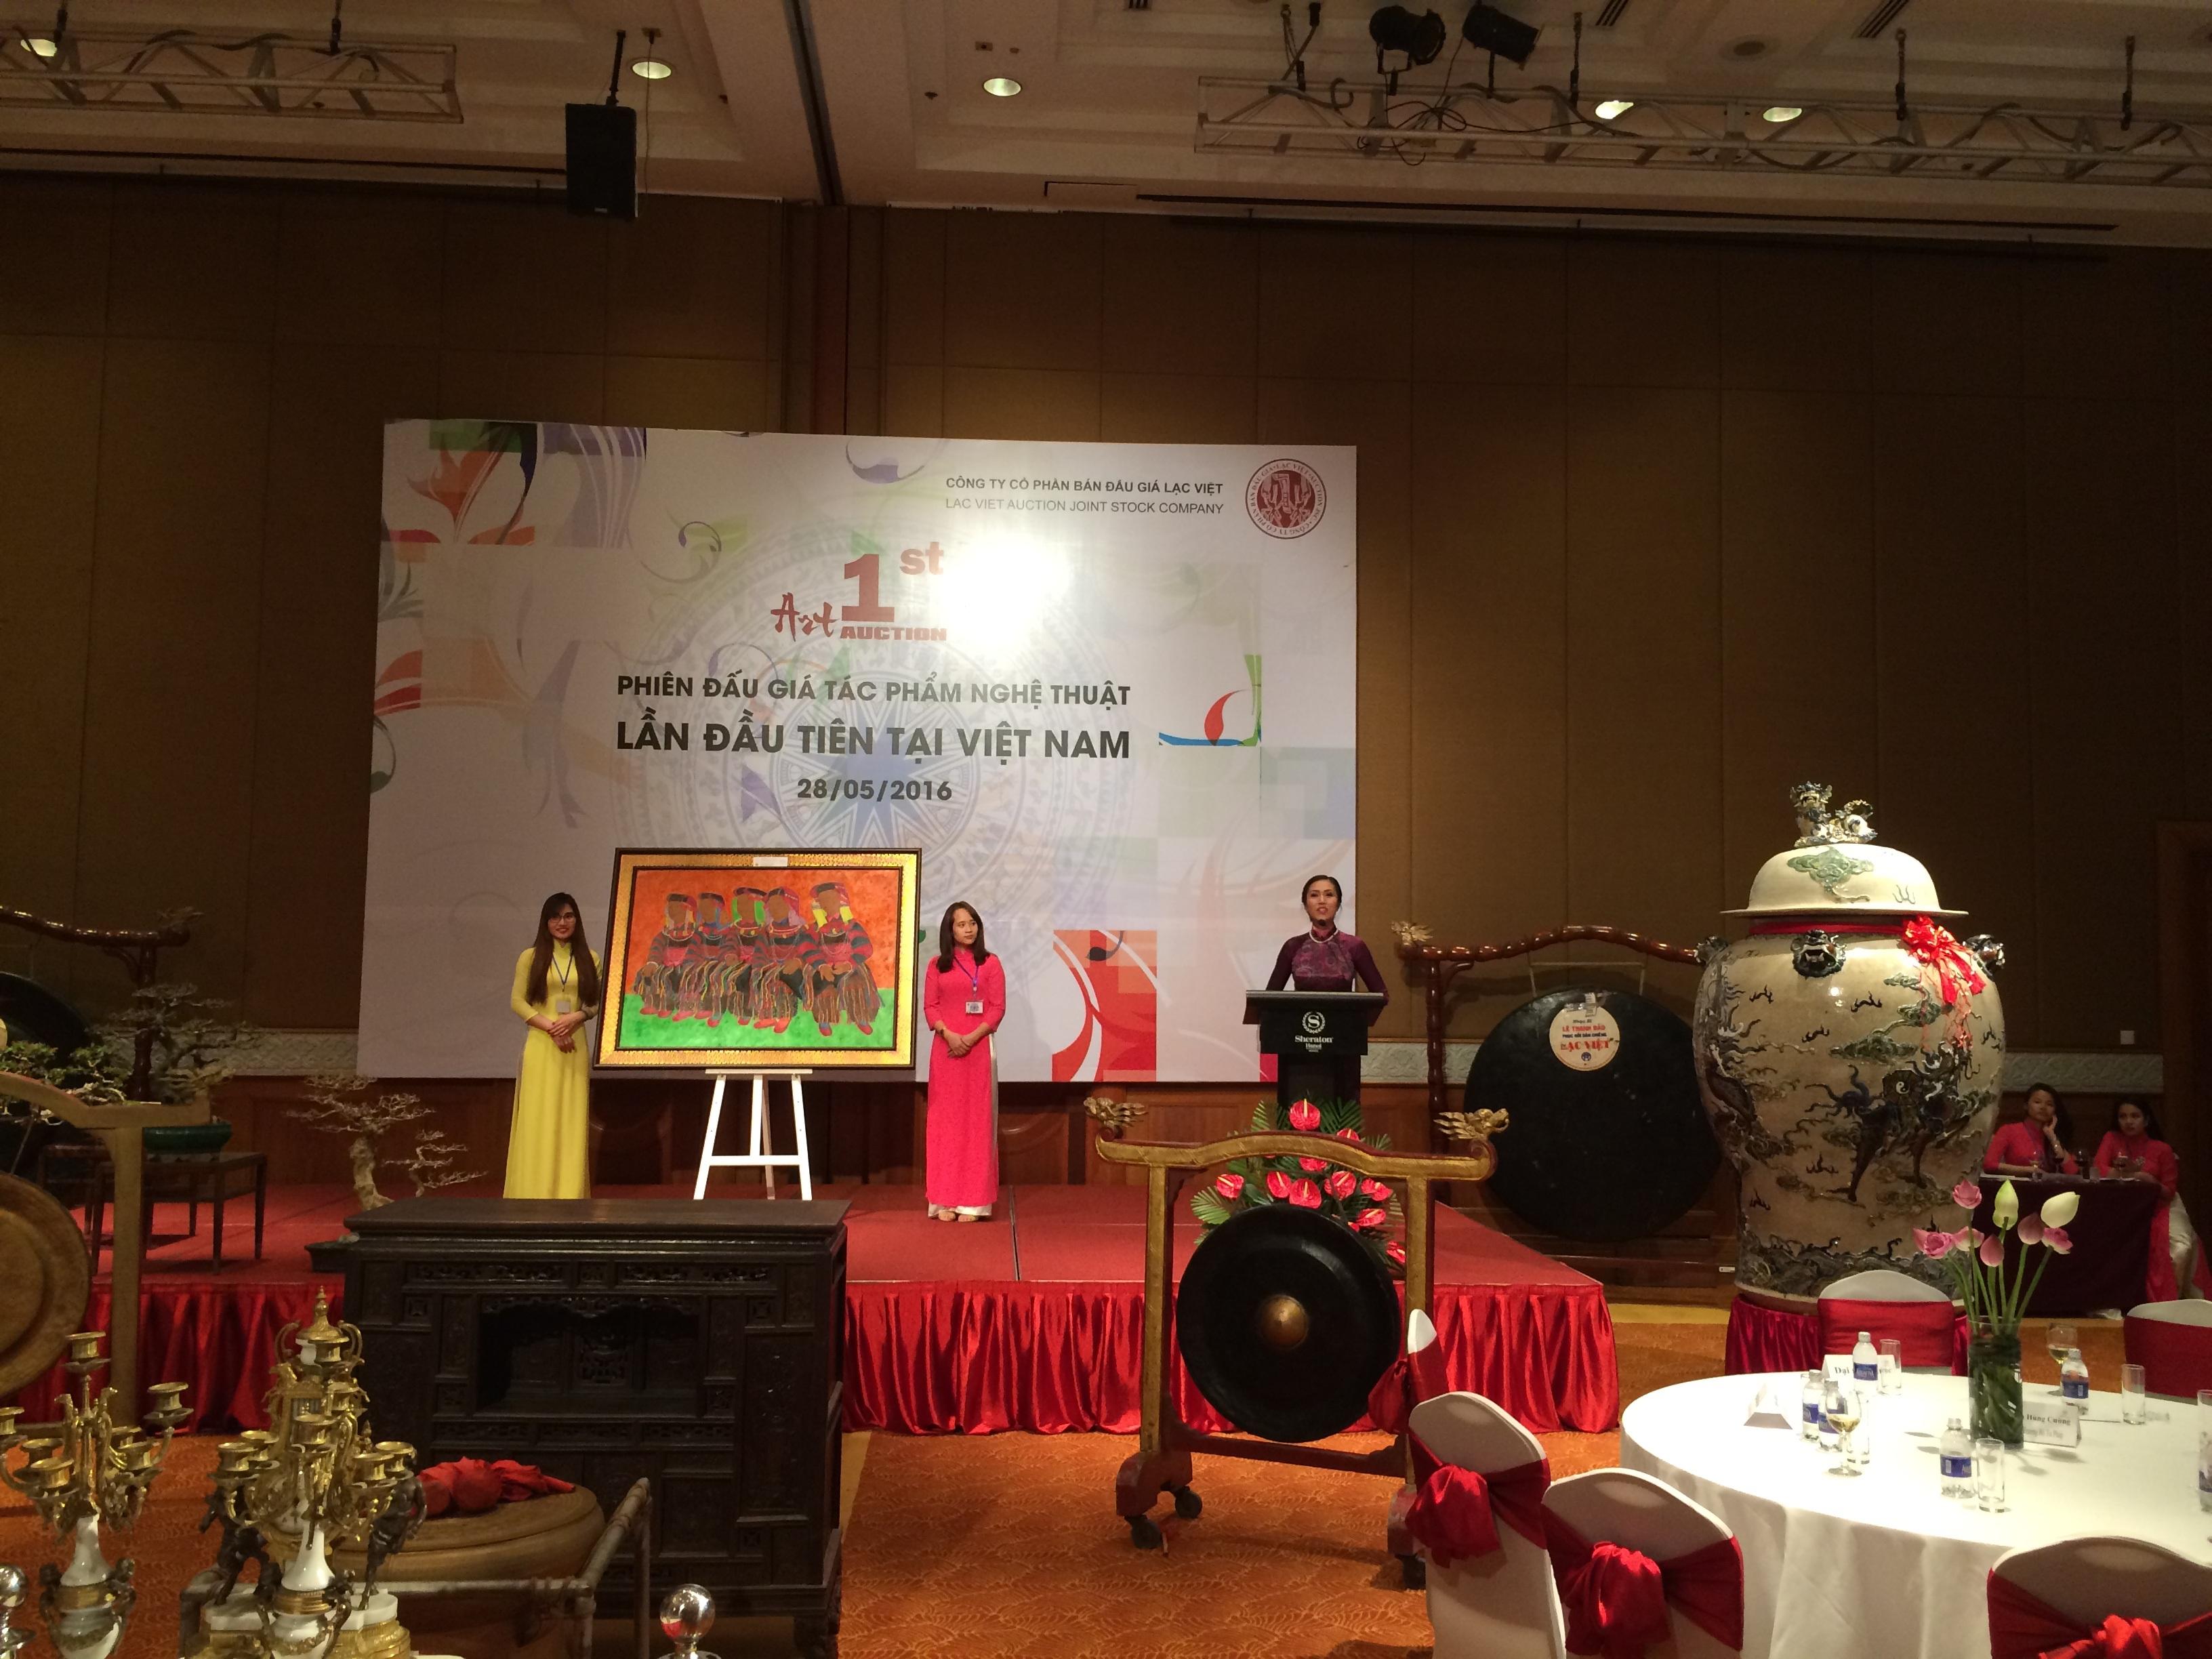 Đây là phiên đấu giá các tác phẩm nghệ thuật lần đầu tiên được tổ chức tại Việt Nam. Ảnh: HM.